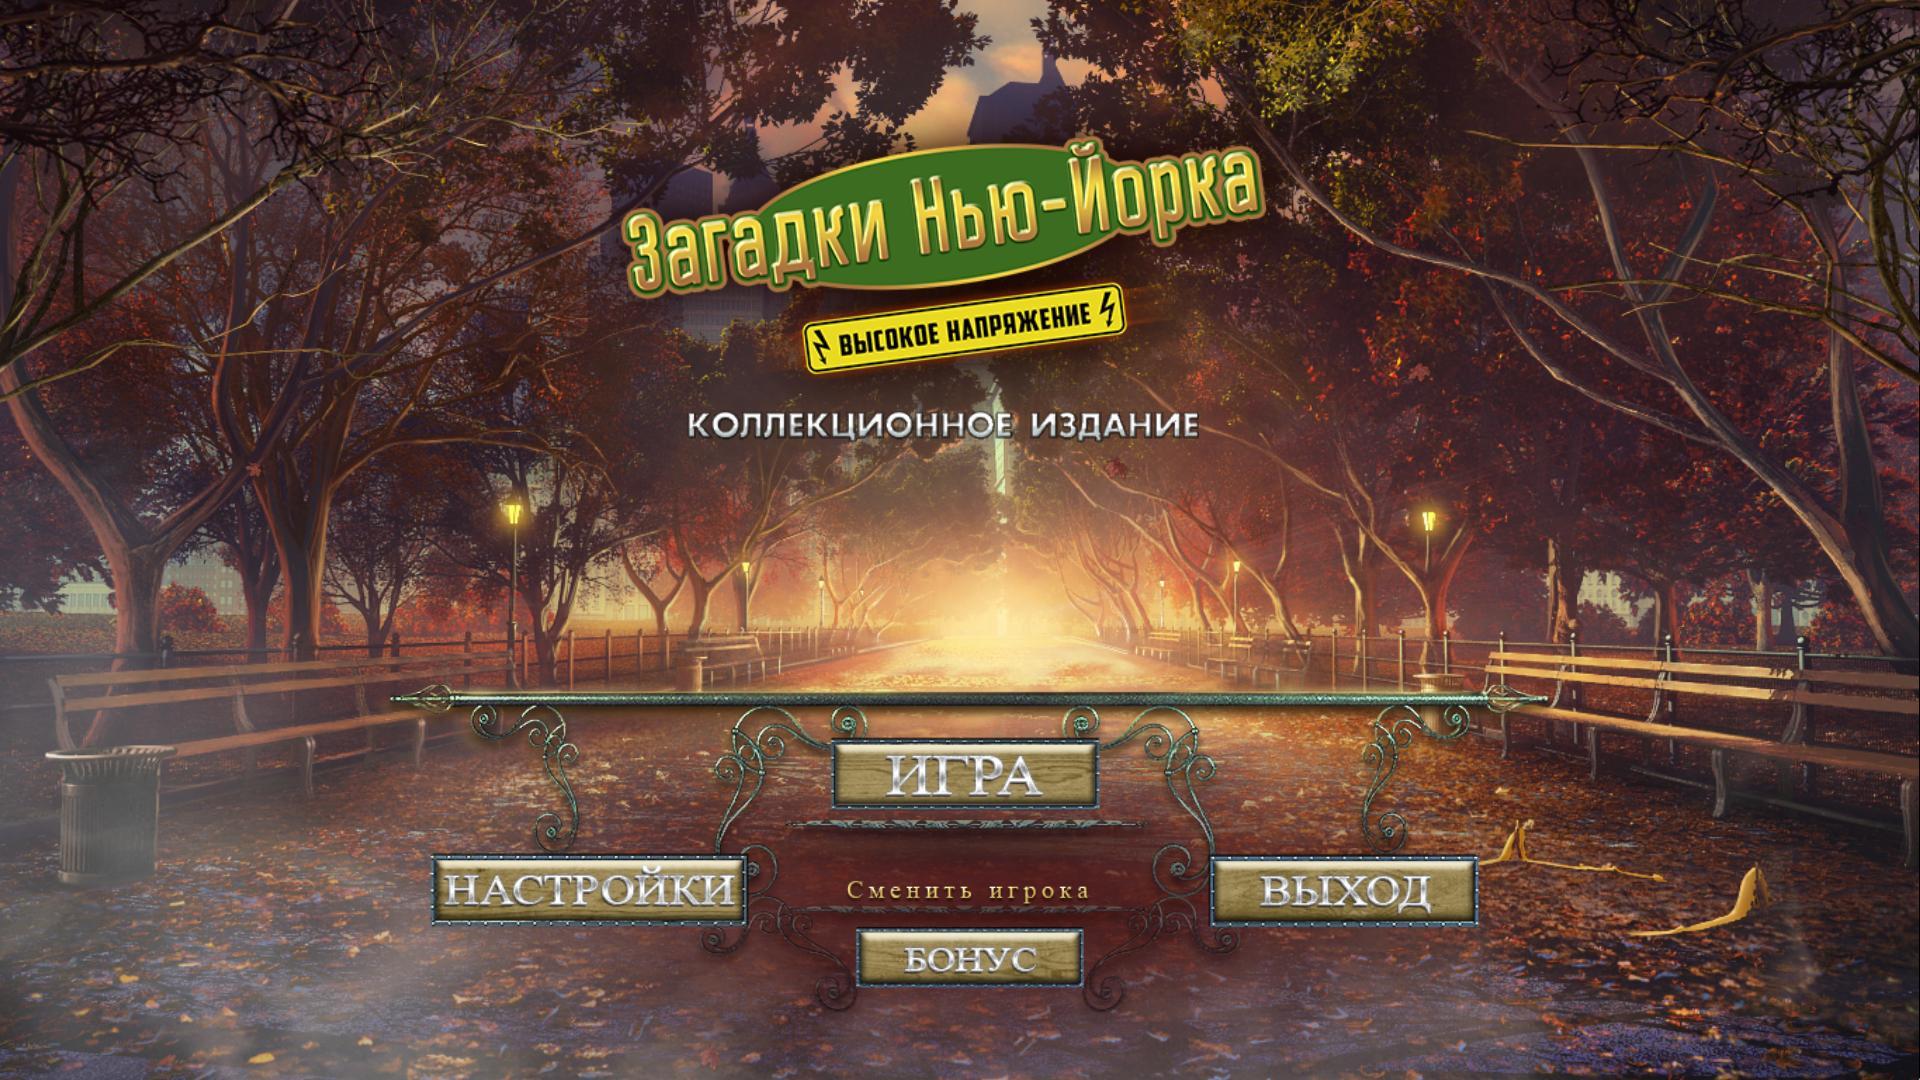 Загадки Нью-Йорка 2: Высокое напряжение. Коллекционное издание | New York Mysteries 2: High Voltage CE (Rus)